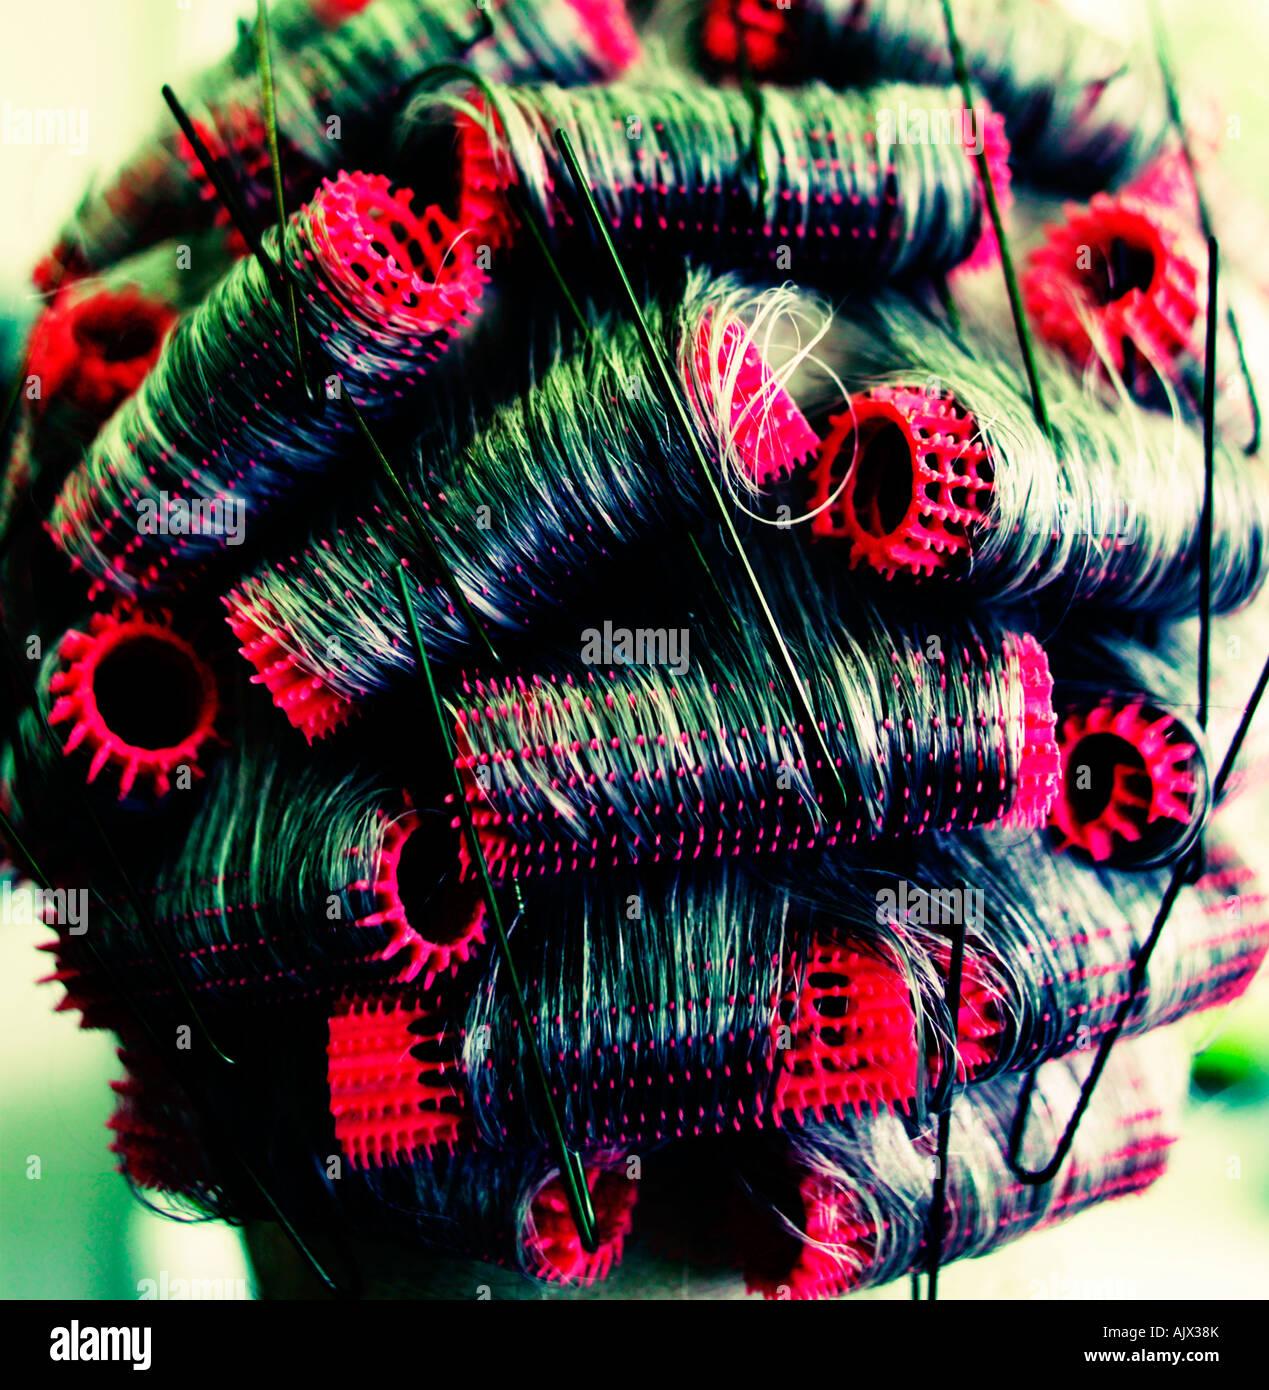 Zusammenfassung der Lockenwickler beim Friseur Stockbild